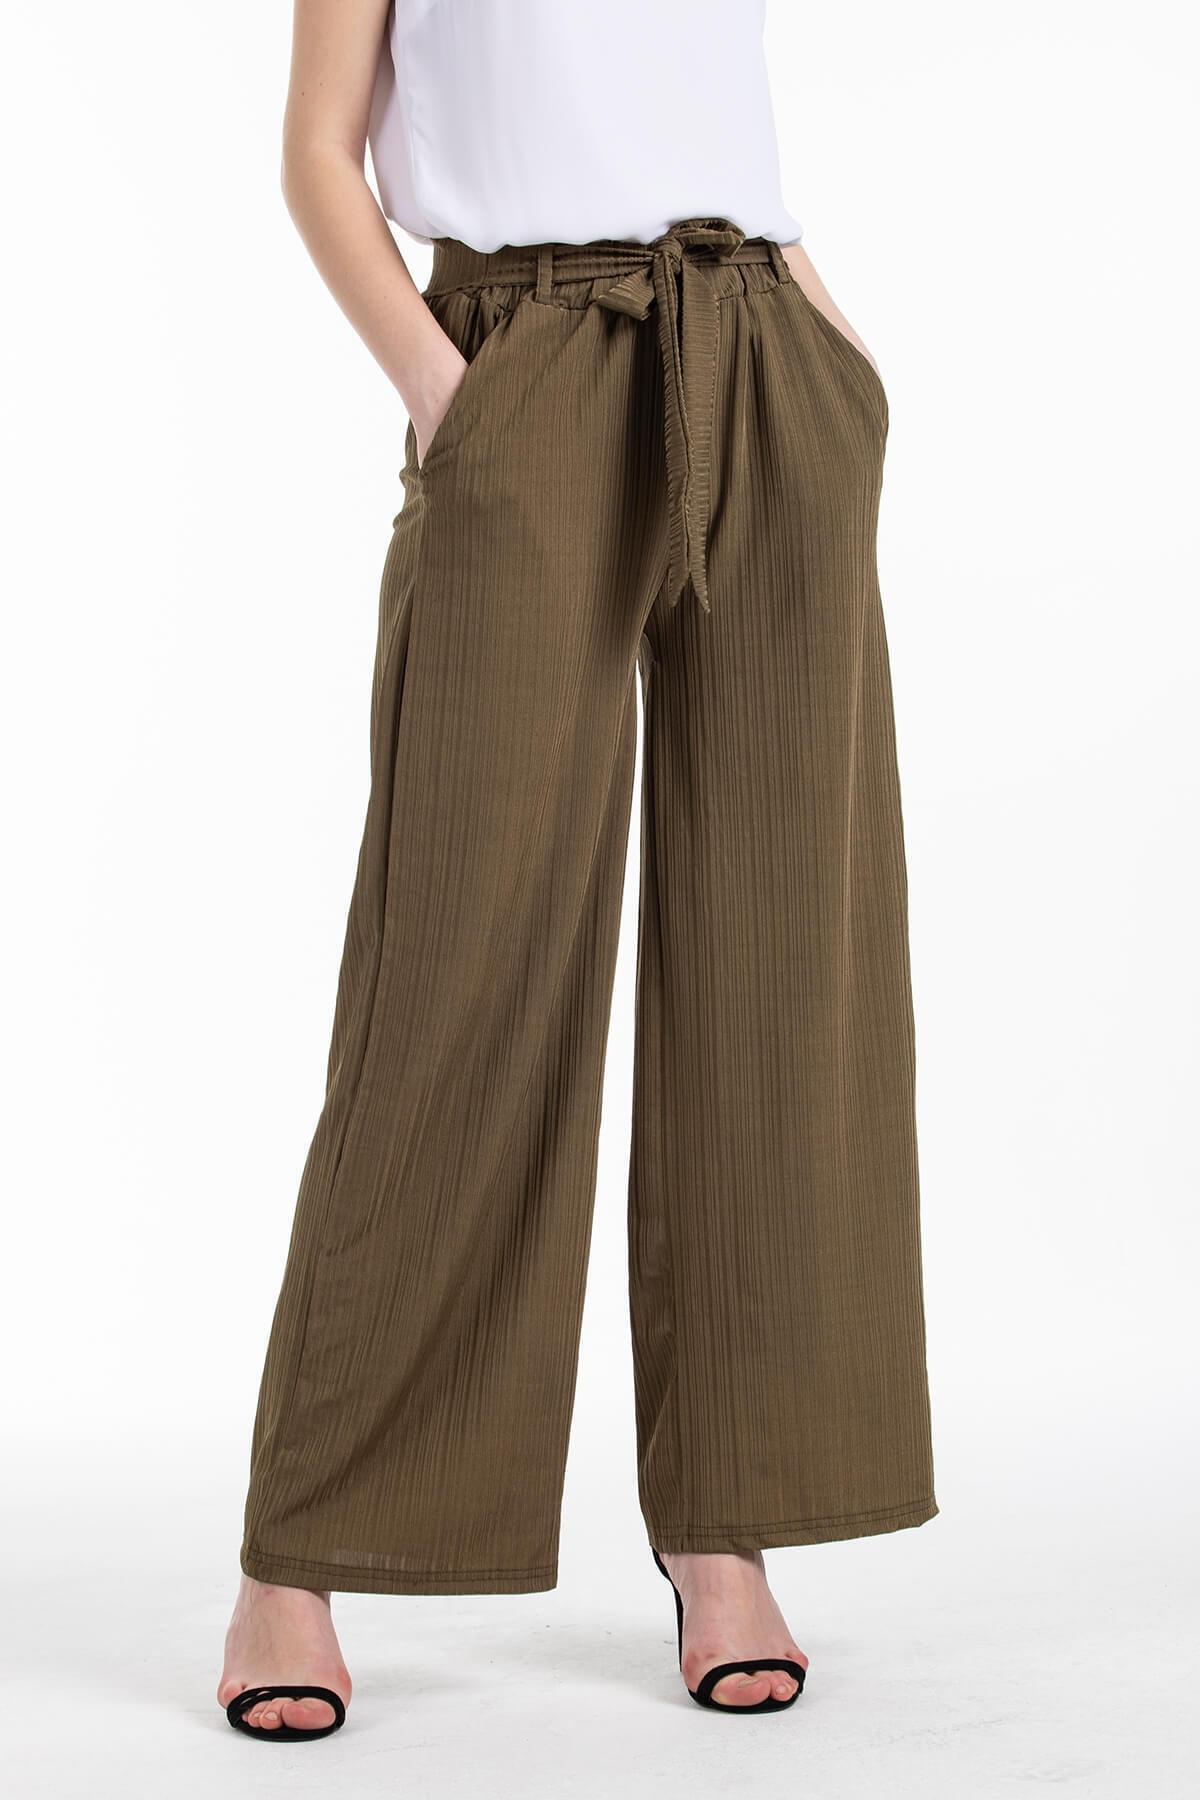 Mossta Kadın Haki Likralı Kaşkorse Salaş Pantolon 2